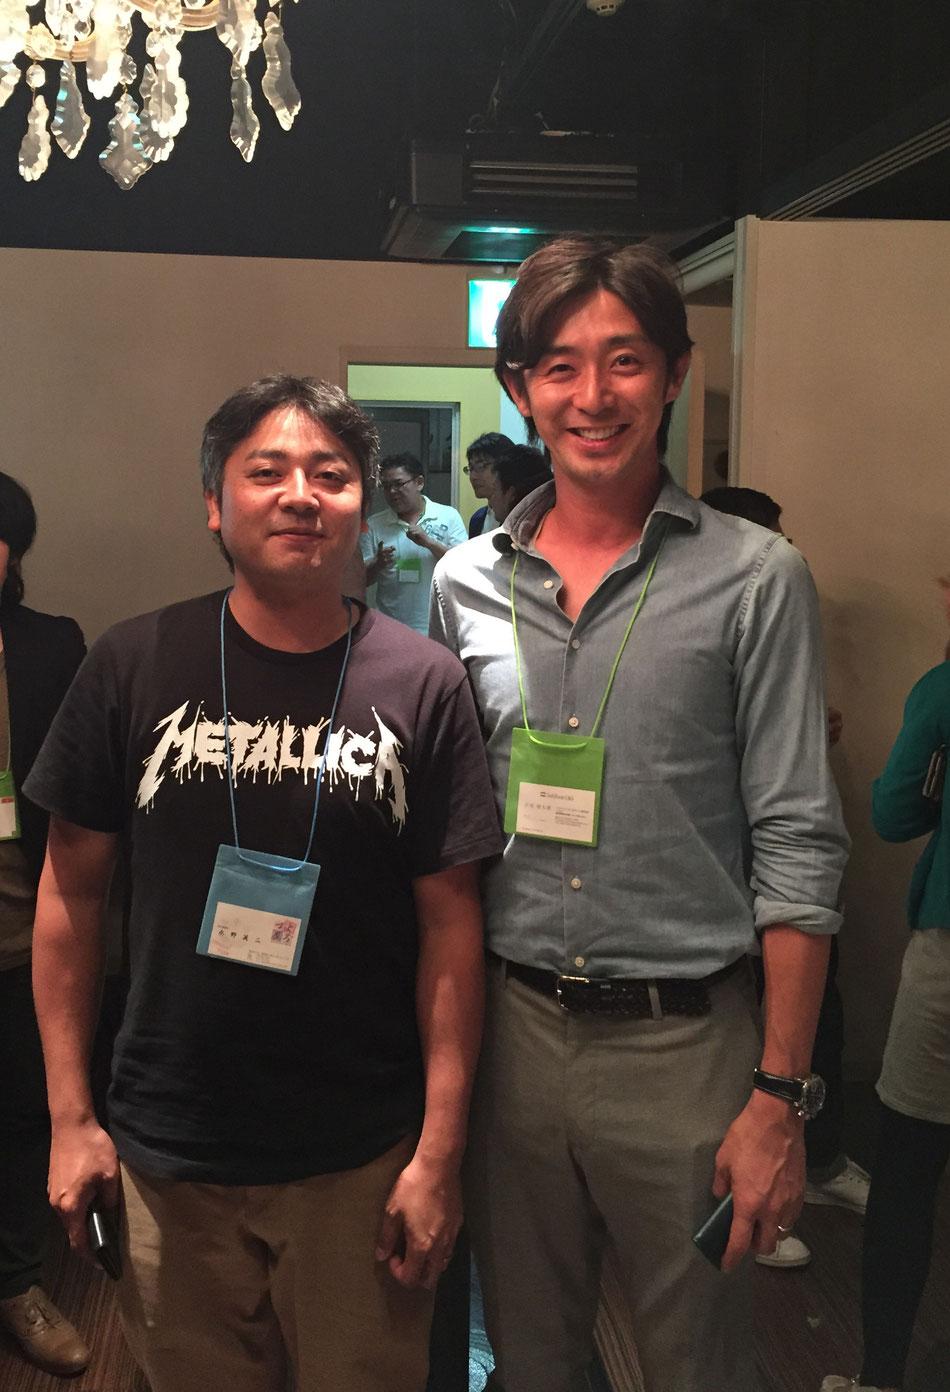 元ソフトバックホークス投手、現ソフトバンクC&Sの江尻慎太郎さんと